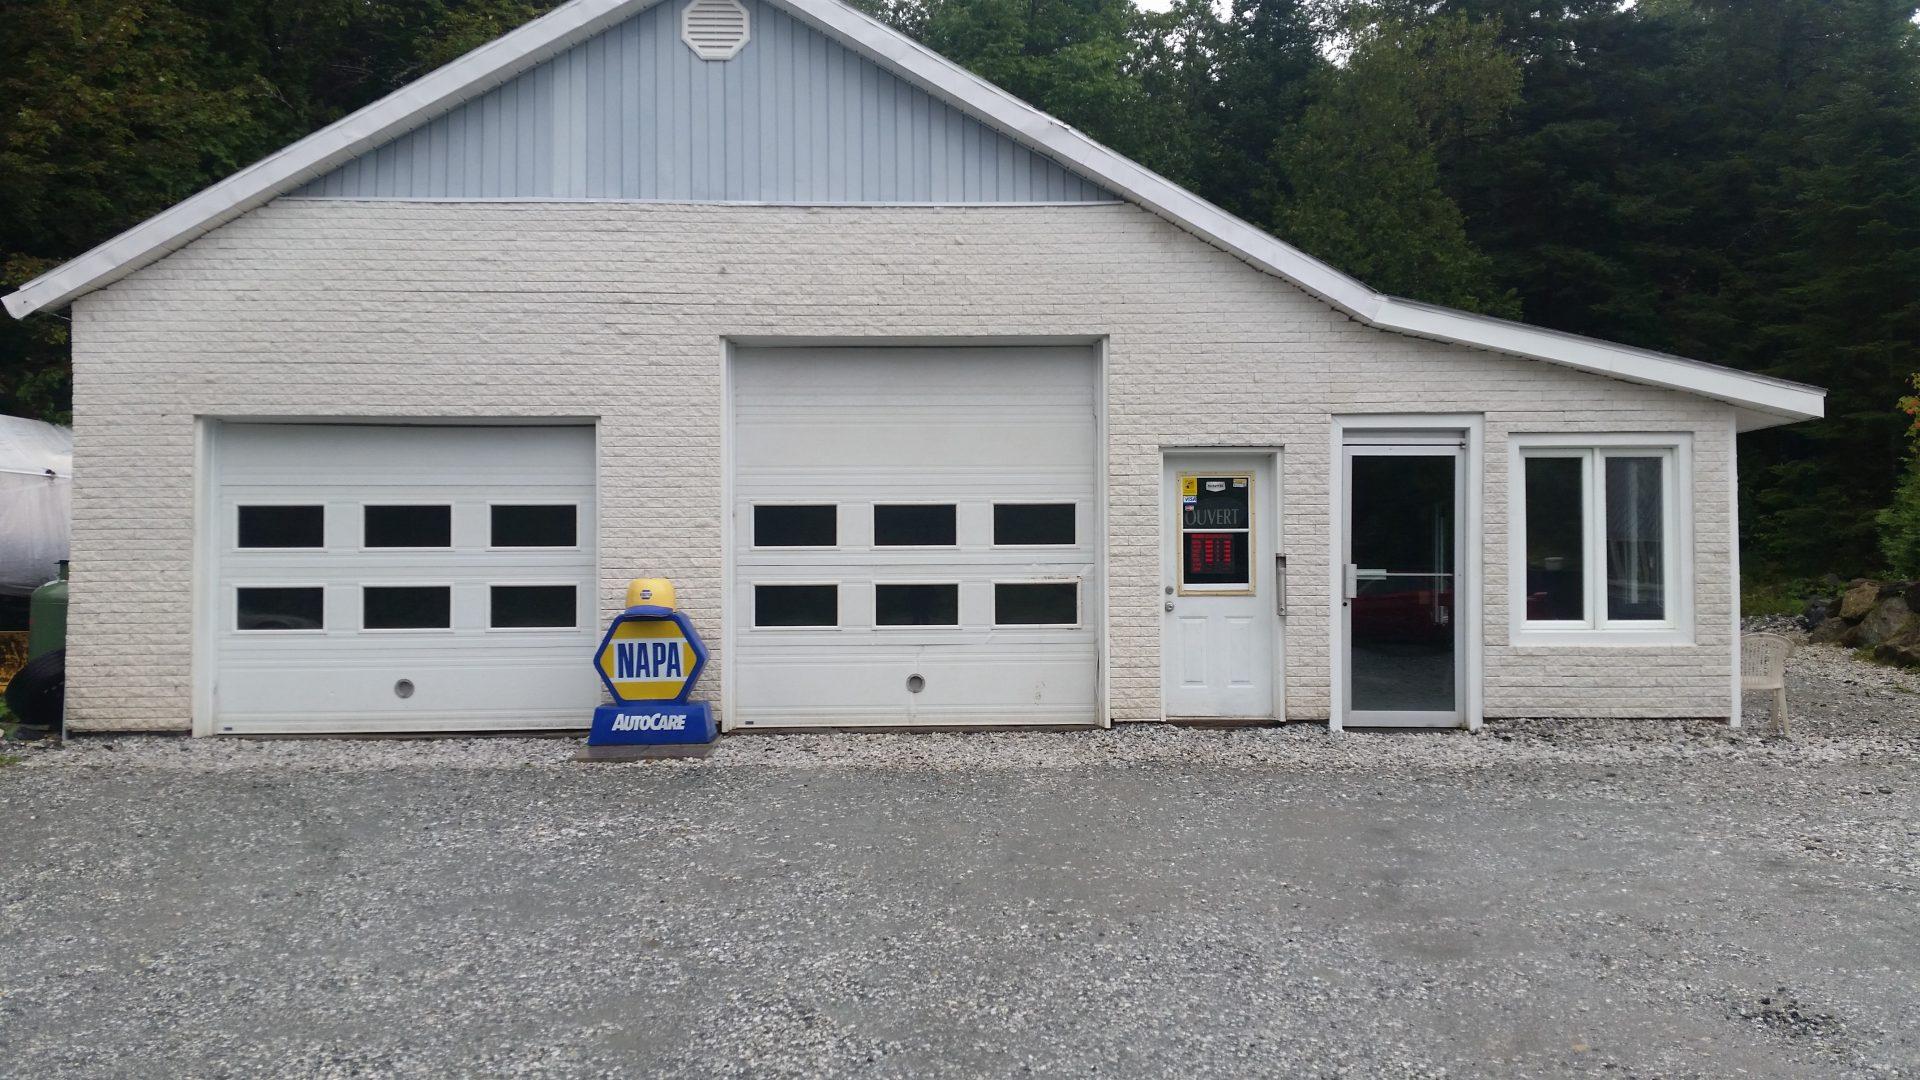 Garage l 39 autopital eastman garage de r paration automobile sp cialis en lectricit - Garage electricite automobile ...